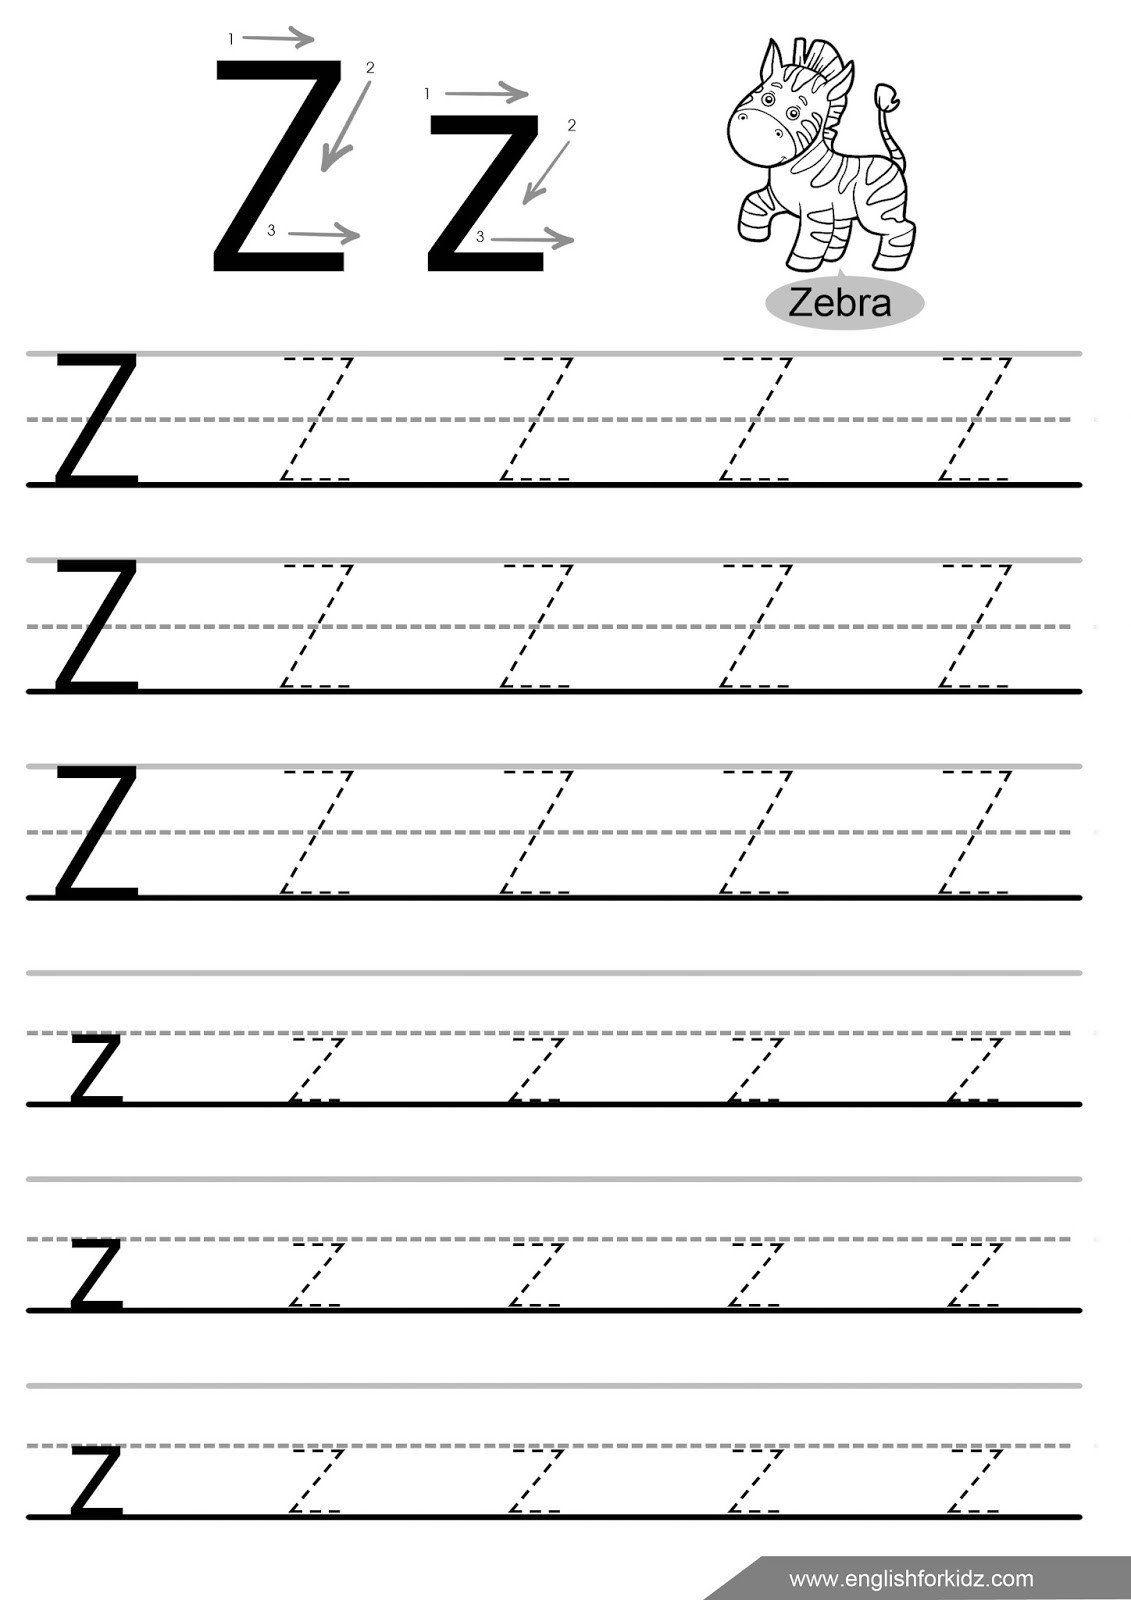 Letter K Tracing Worksheets Preschool Letter Tracing Worksheets Letters U Z In 2020 Letter Tracing Worksheets Alphabet Tracing Worksheets Writing Practice Worksheets